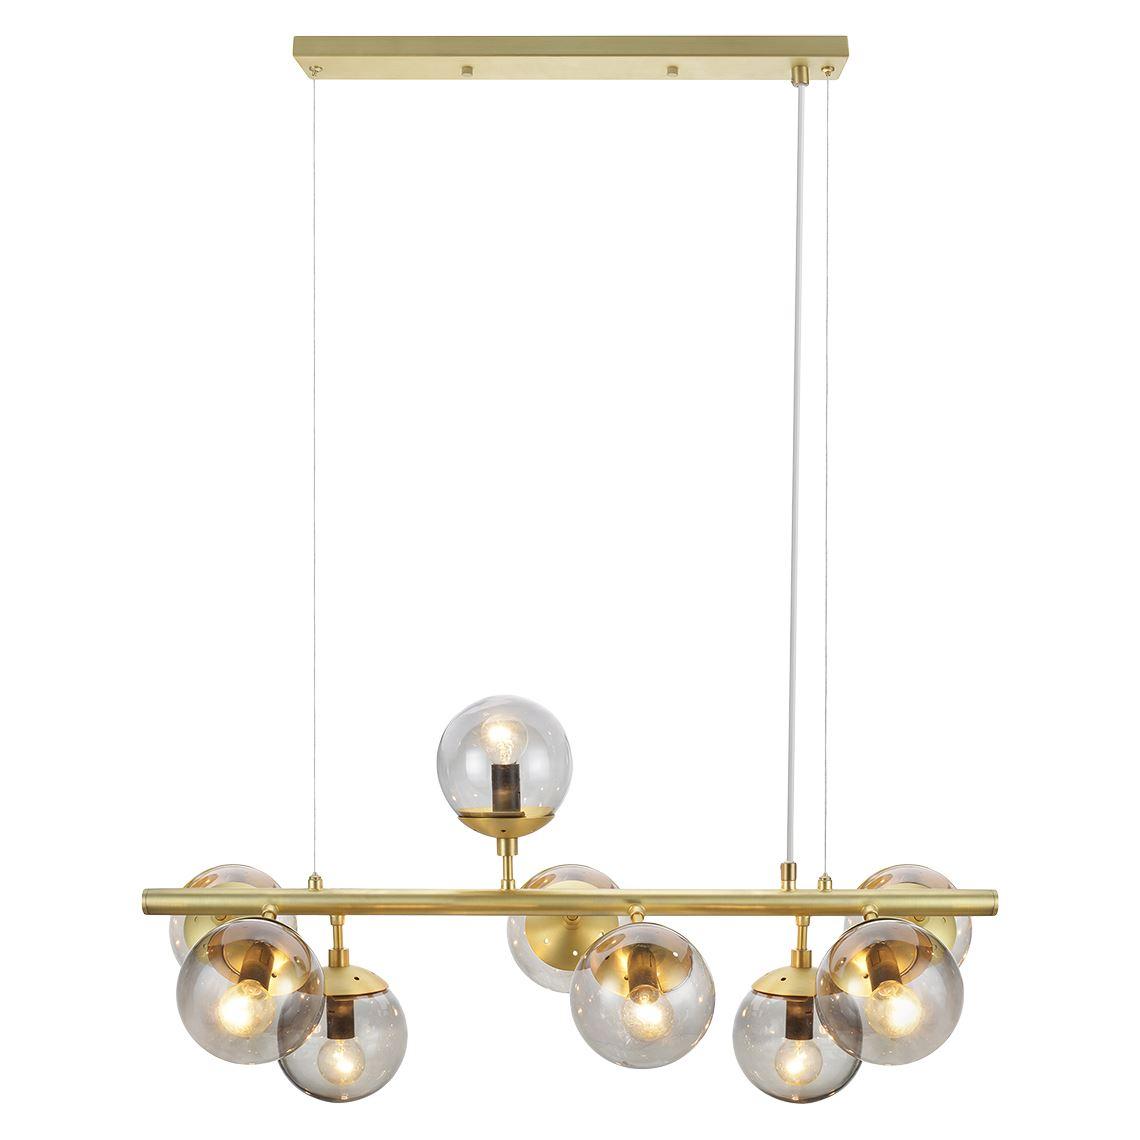 Paladino Pendant, Brass Colour Regarding Paladino 6 Light Chandeliers (View 13 of 30)